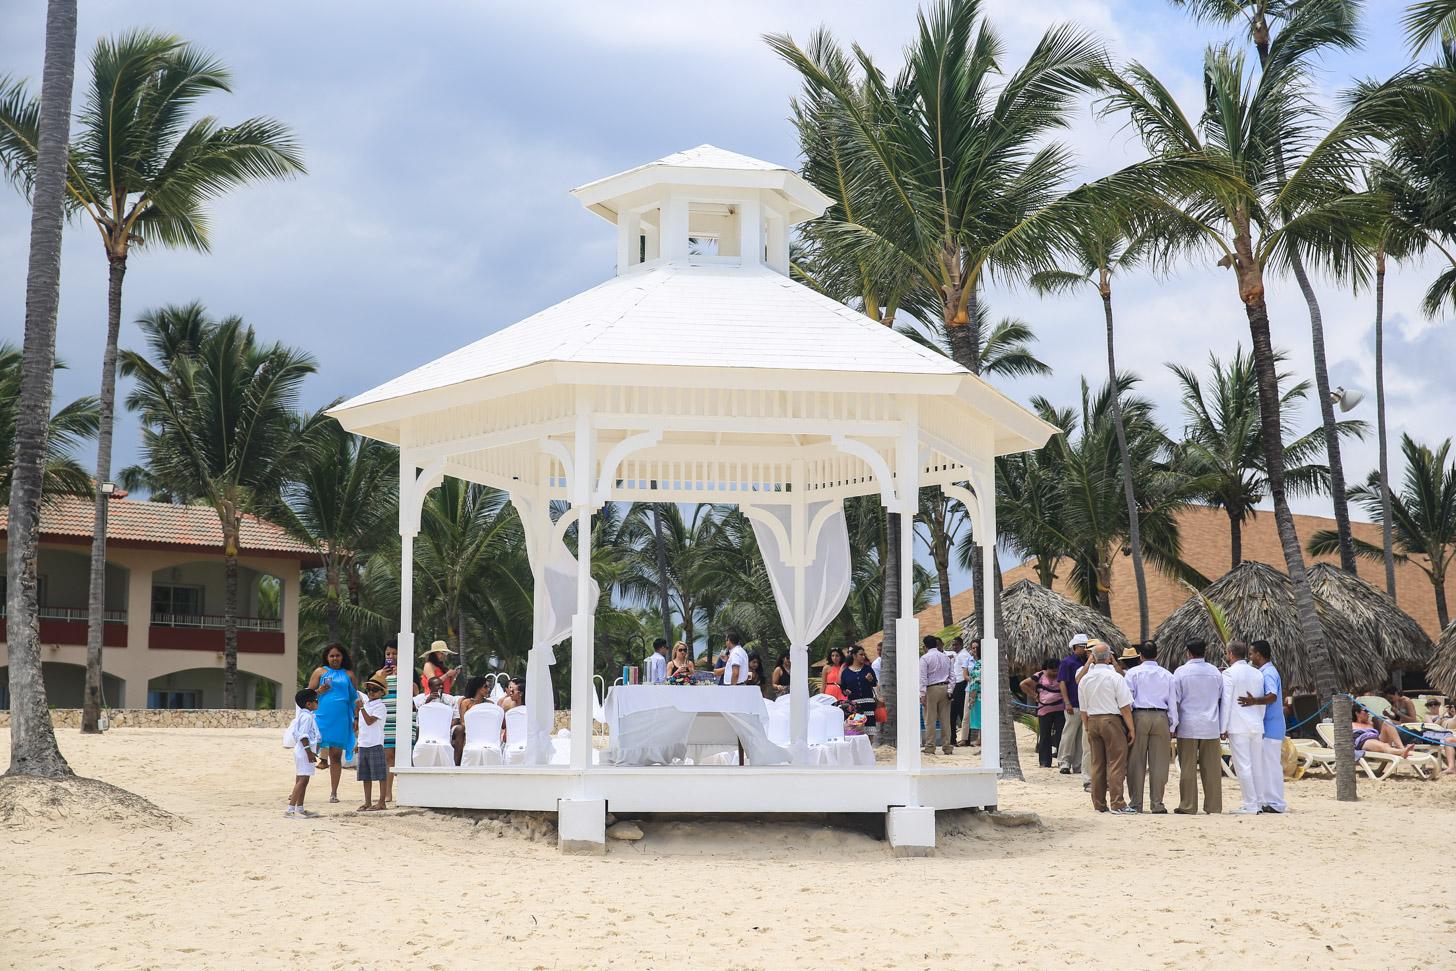 Huwelijksceremonie op het strand van Punta Cana